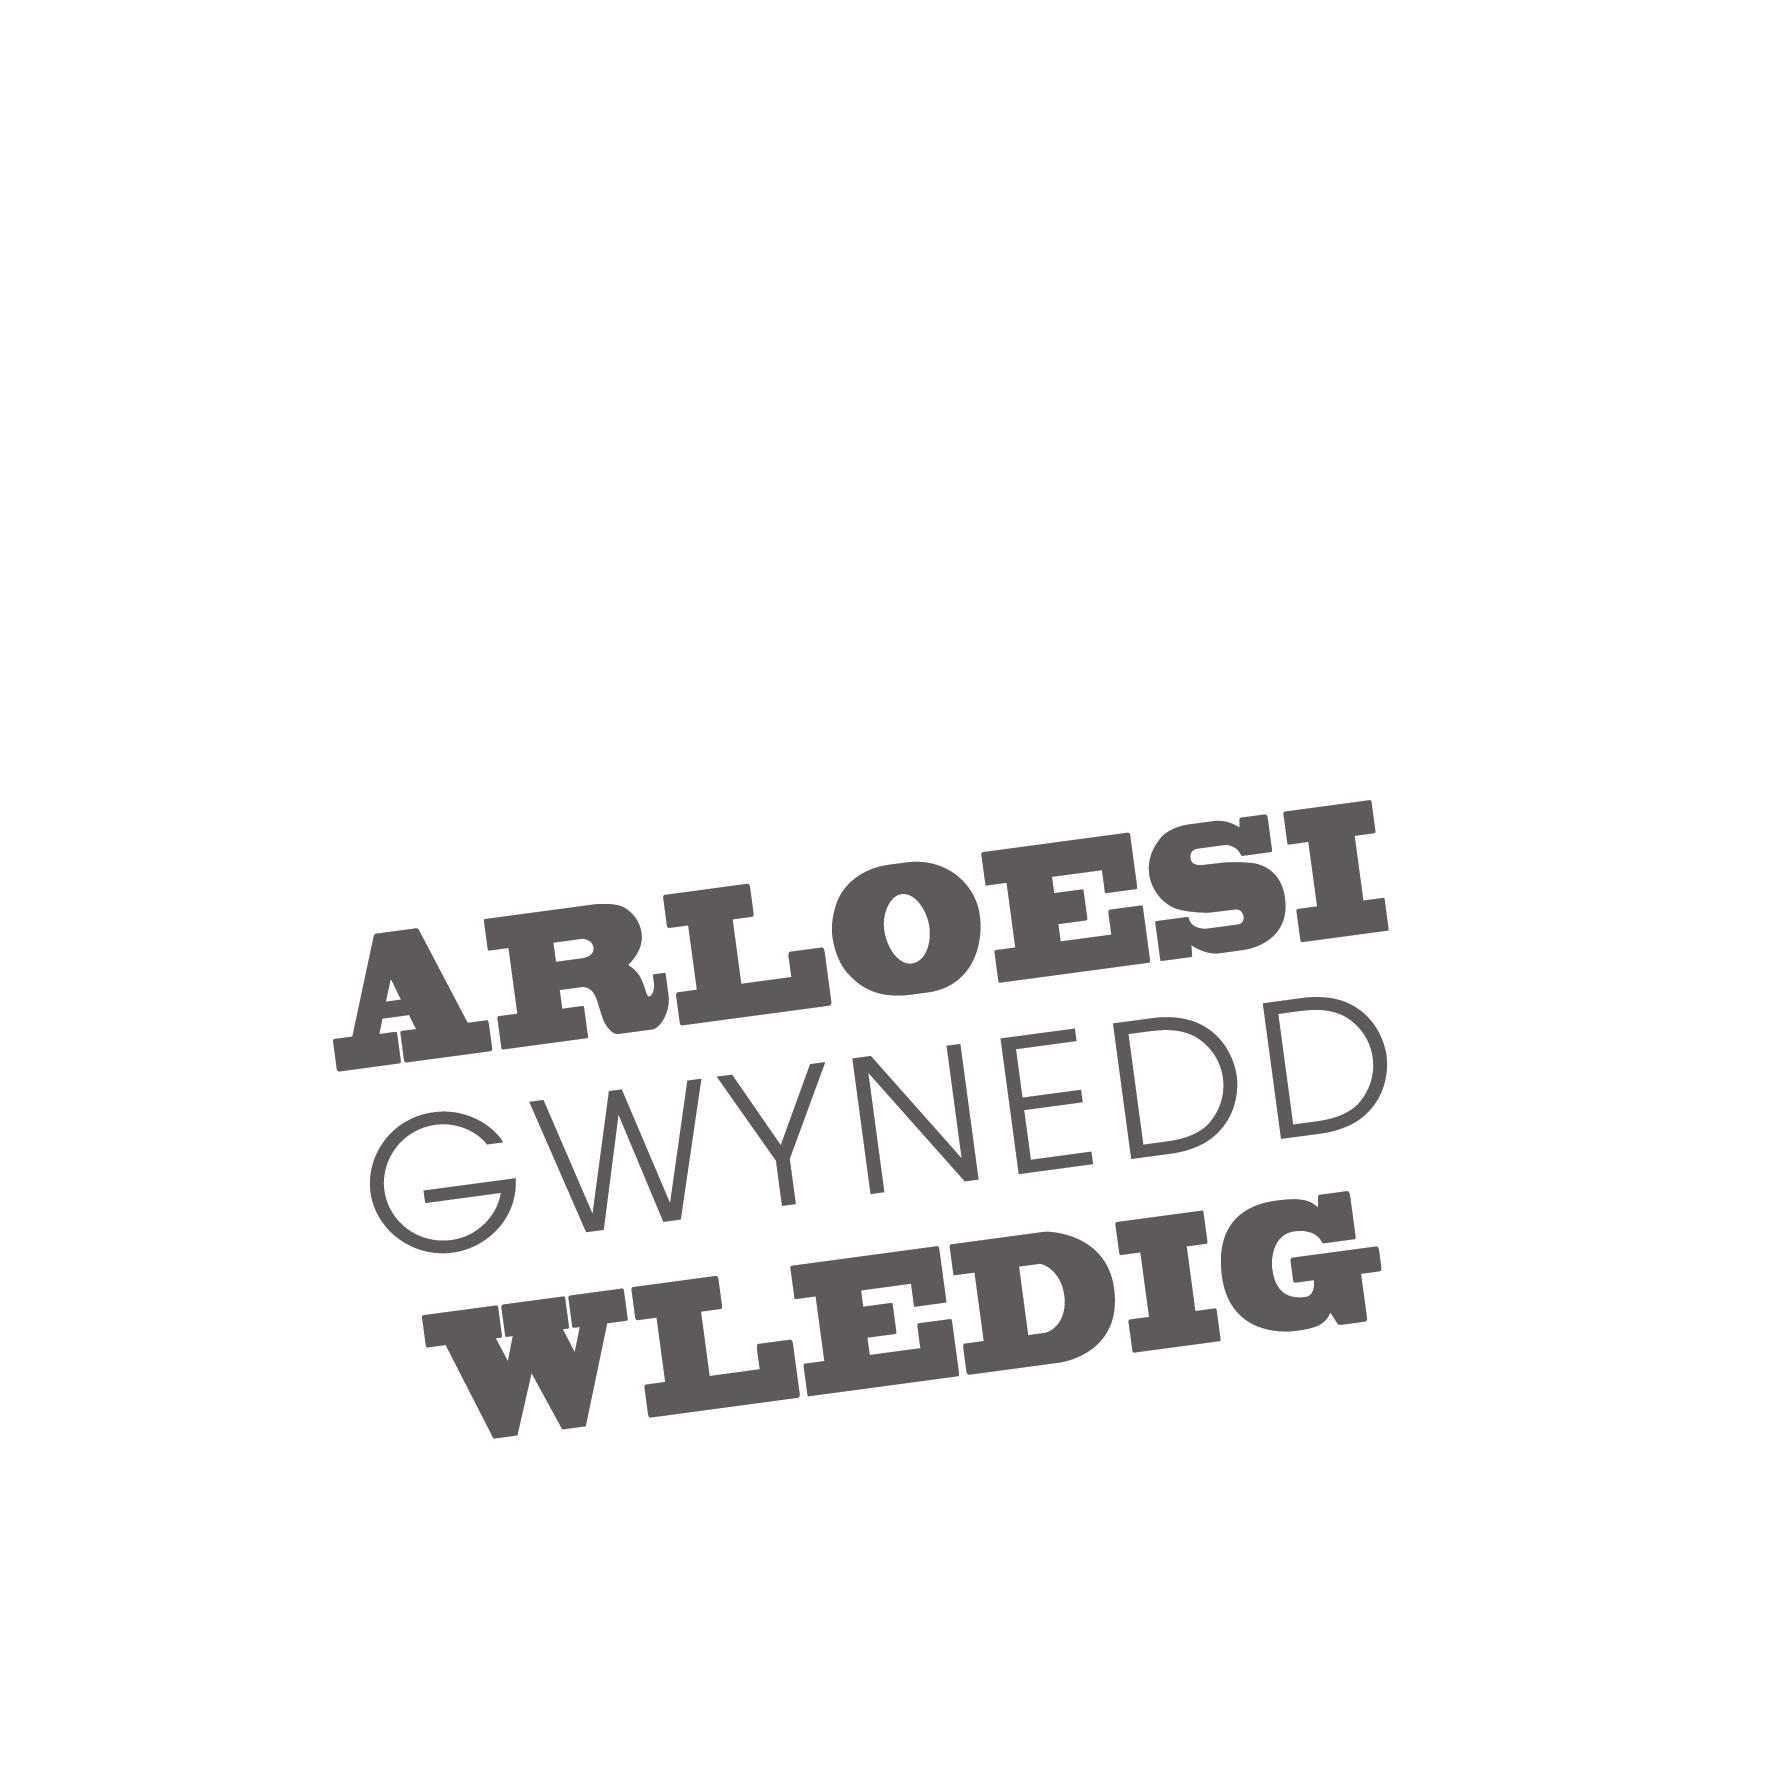 Arloesi Gwynedd Wledig